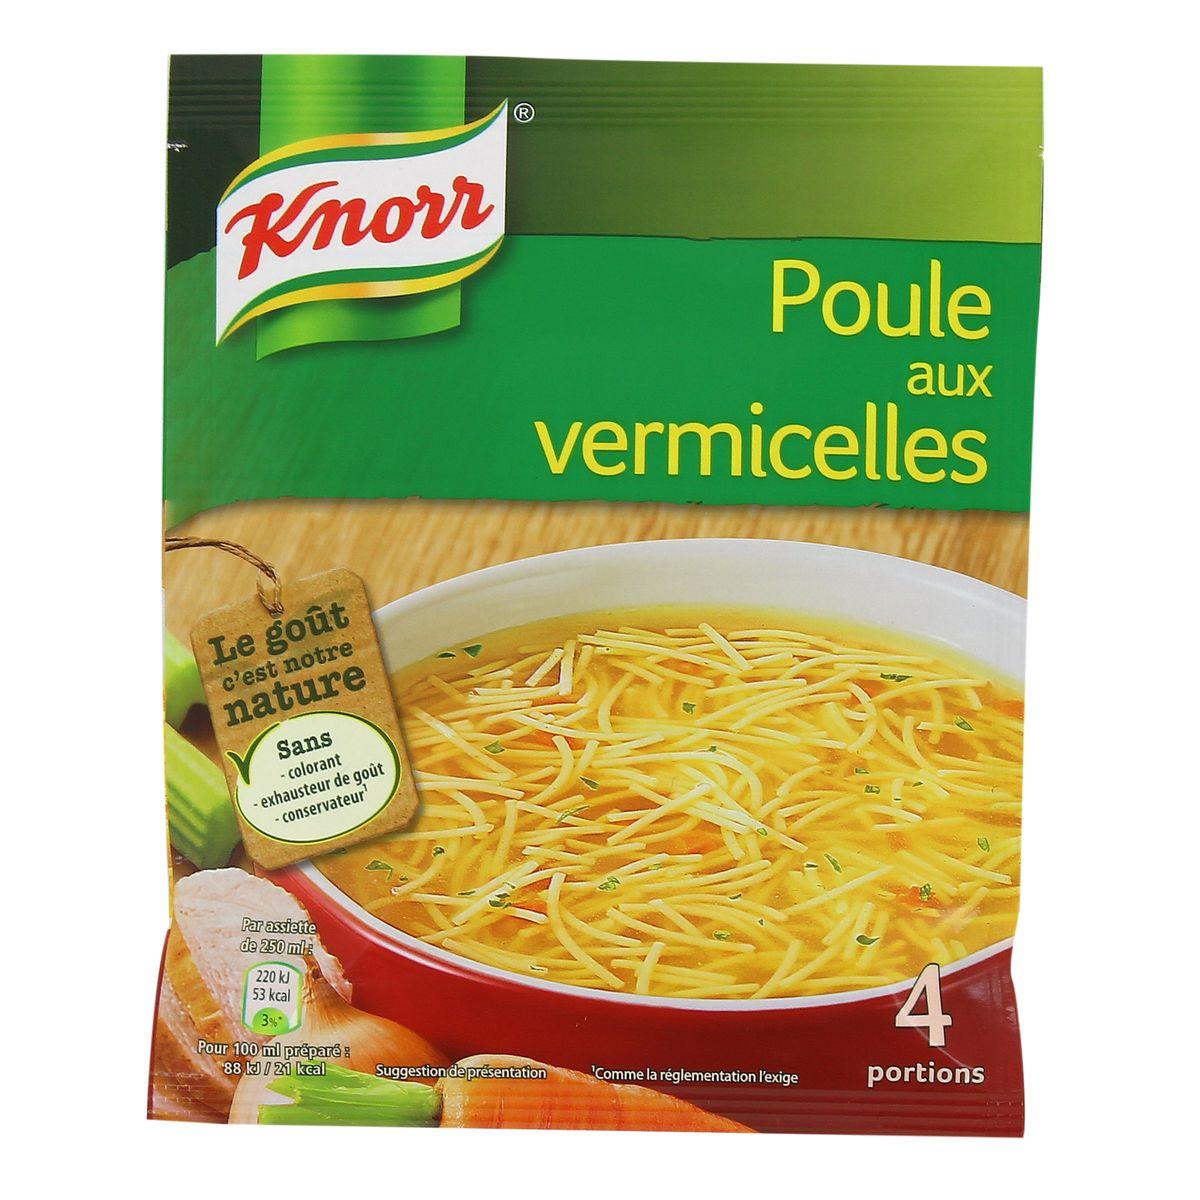 Soupe de poule aux vermicelles déshydratée, Knorr (63 g)